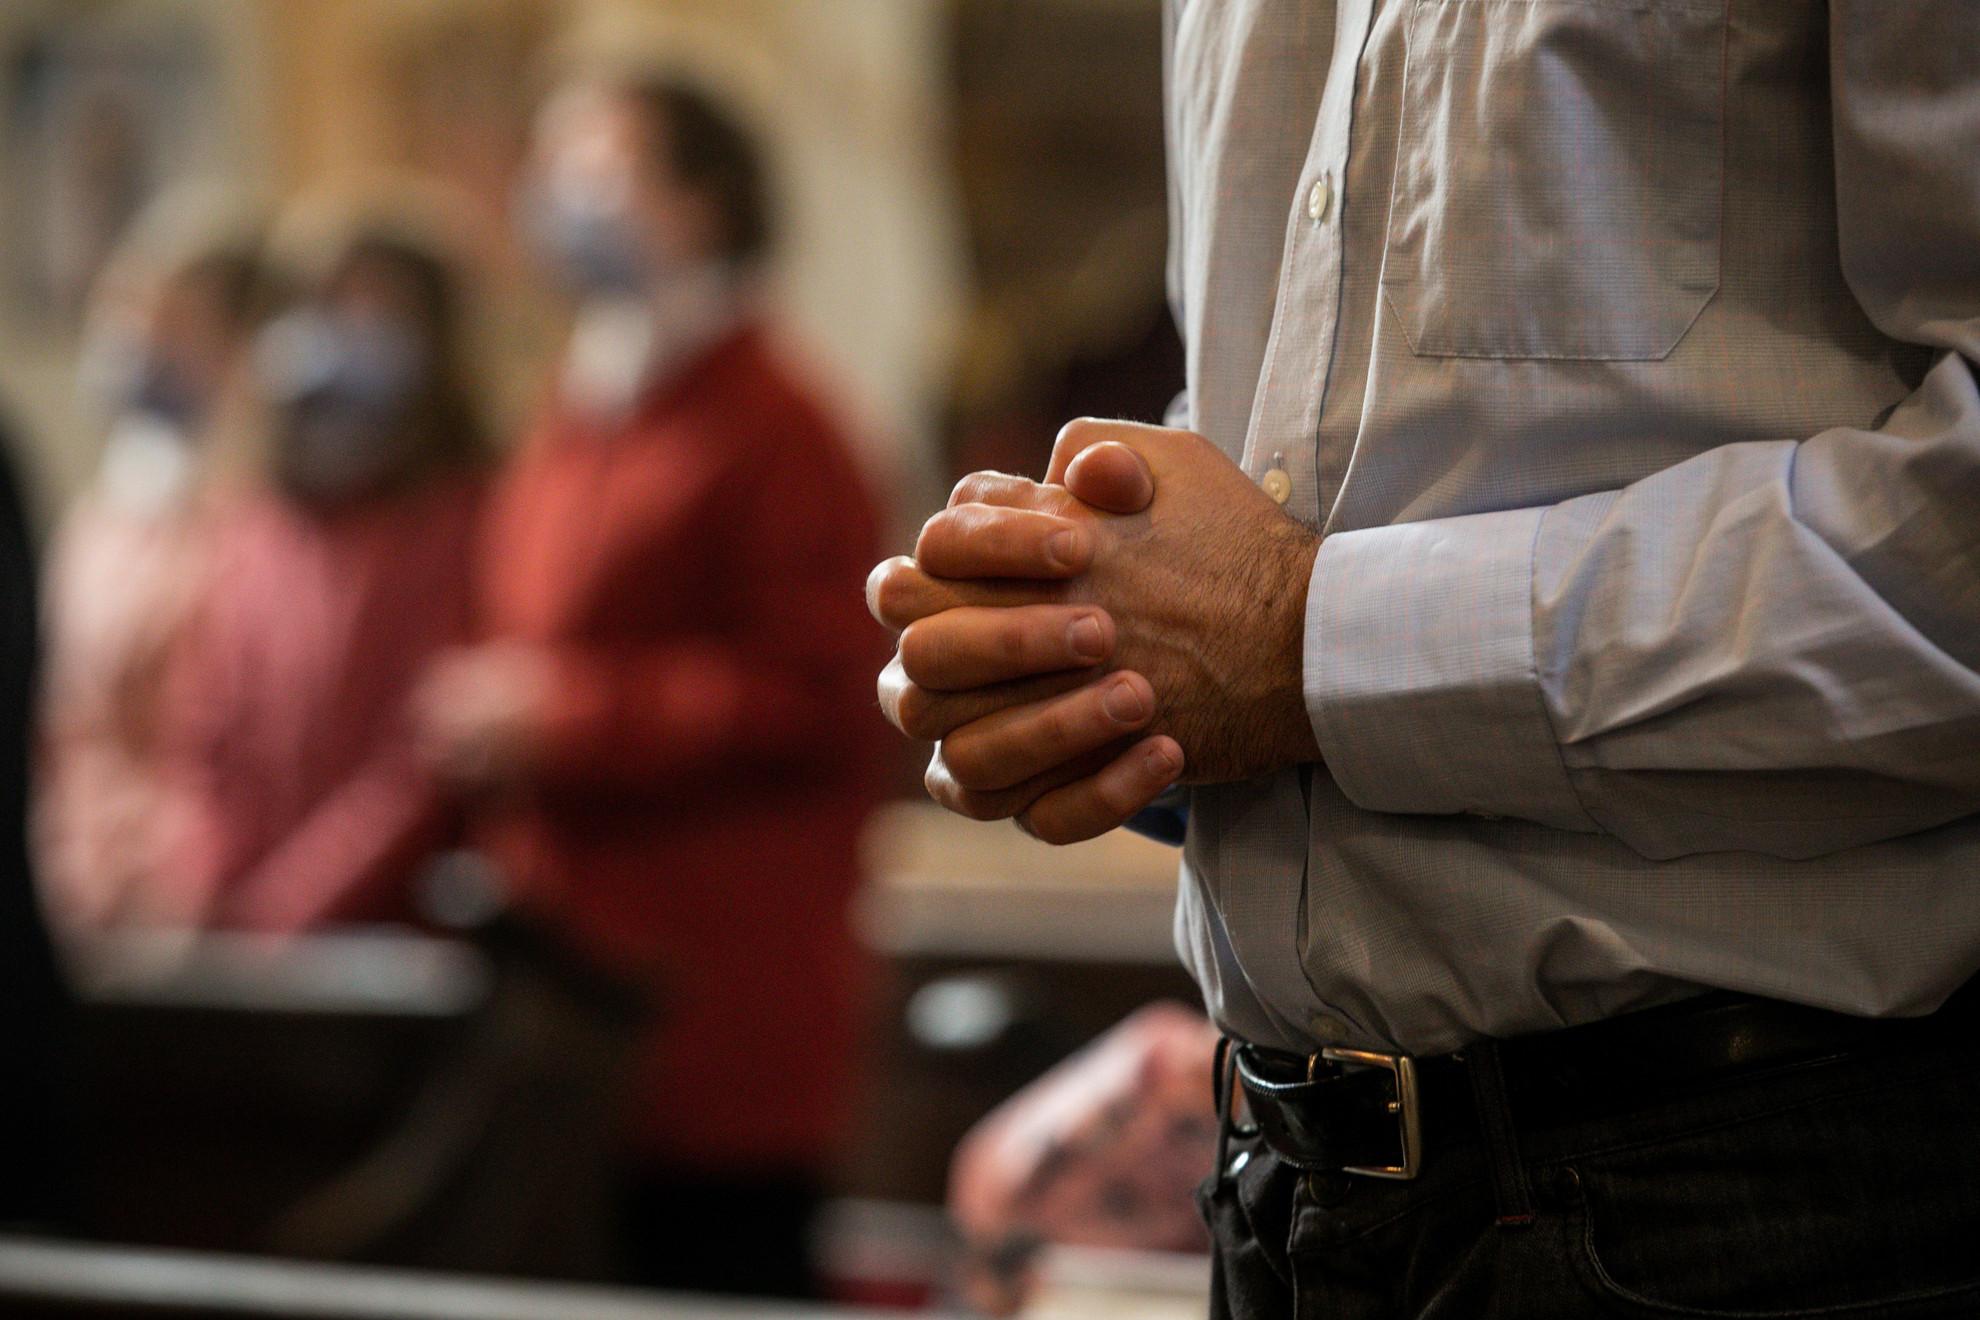 A templomokban az óvintézkedések betartásával védika hívőket